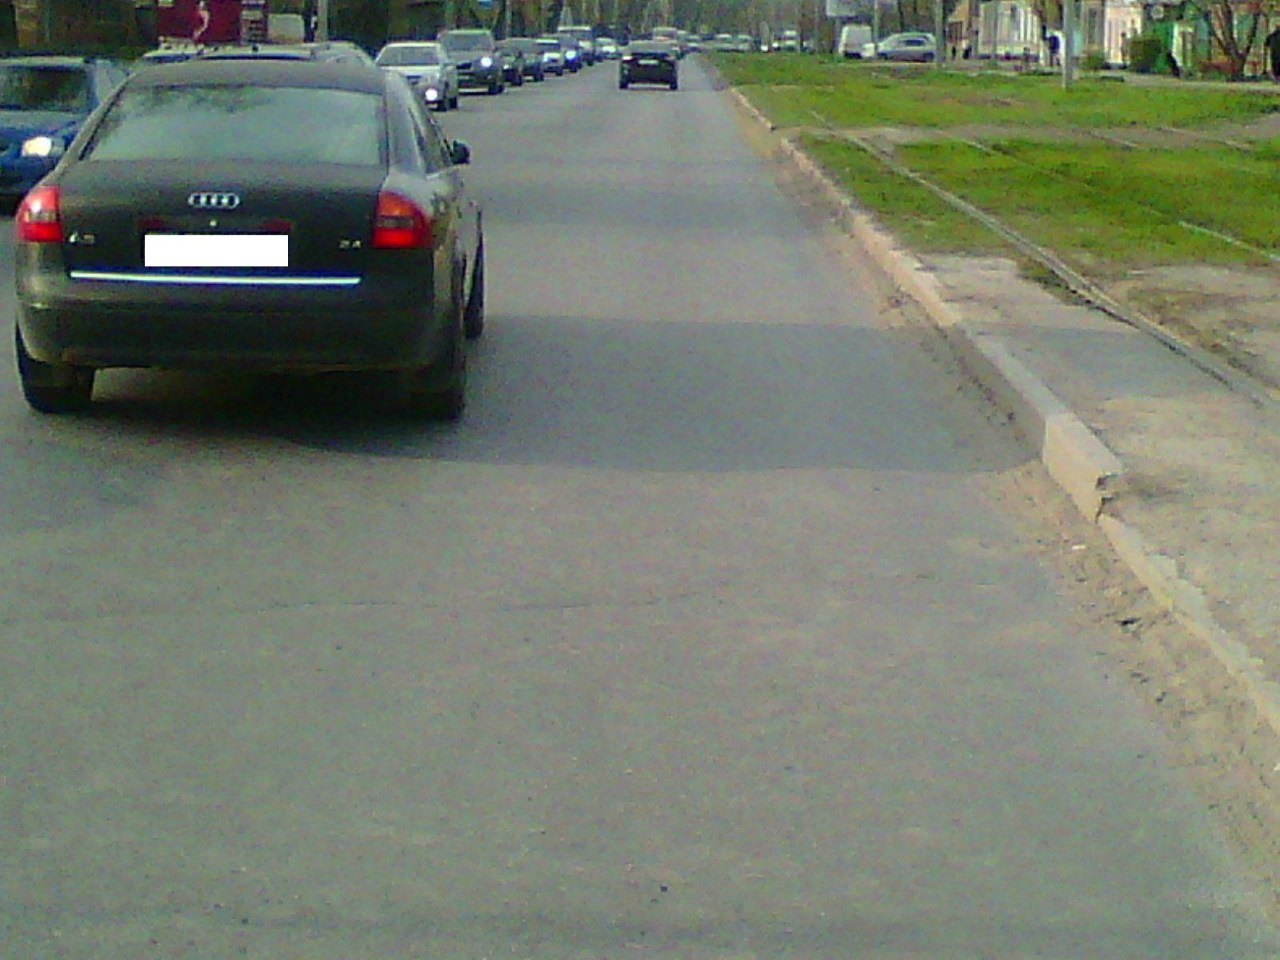 В Таганроге автоледи на Audi A6 сбила 22-летнюю девушку